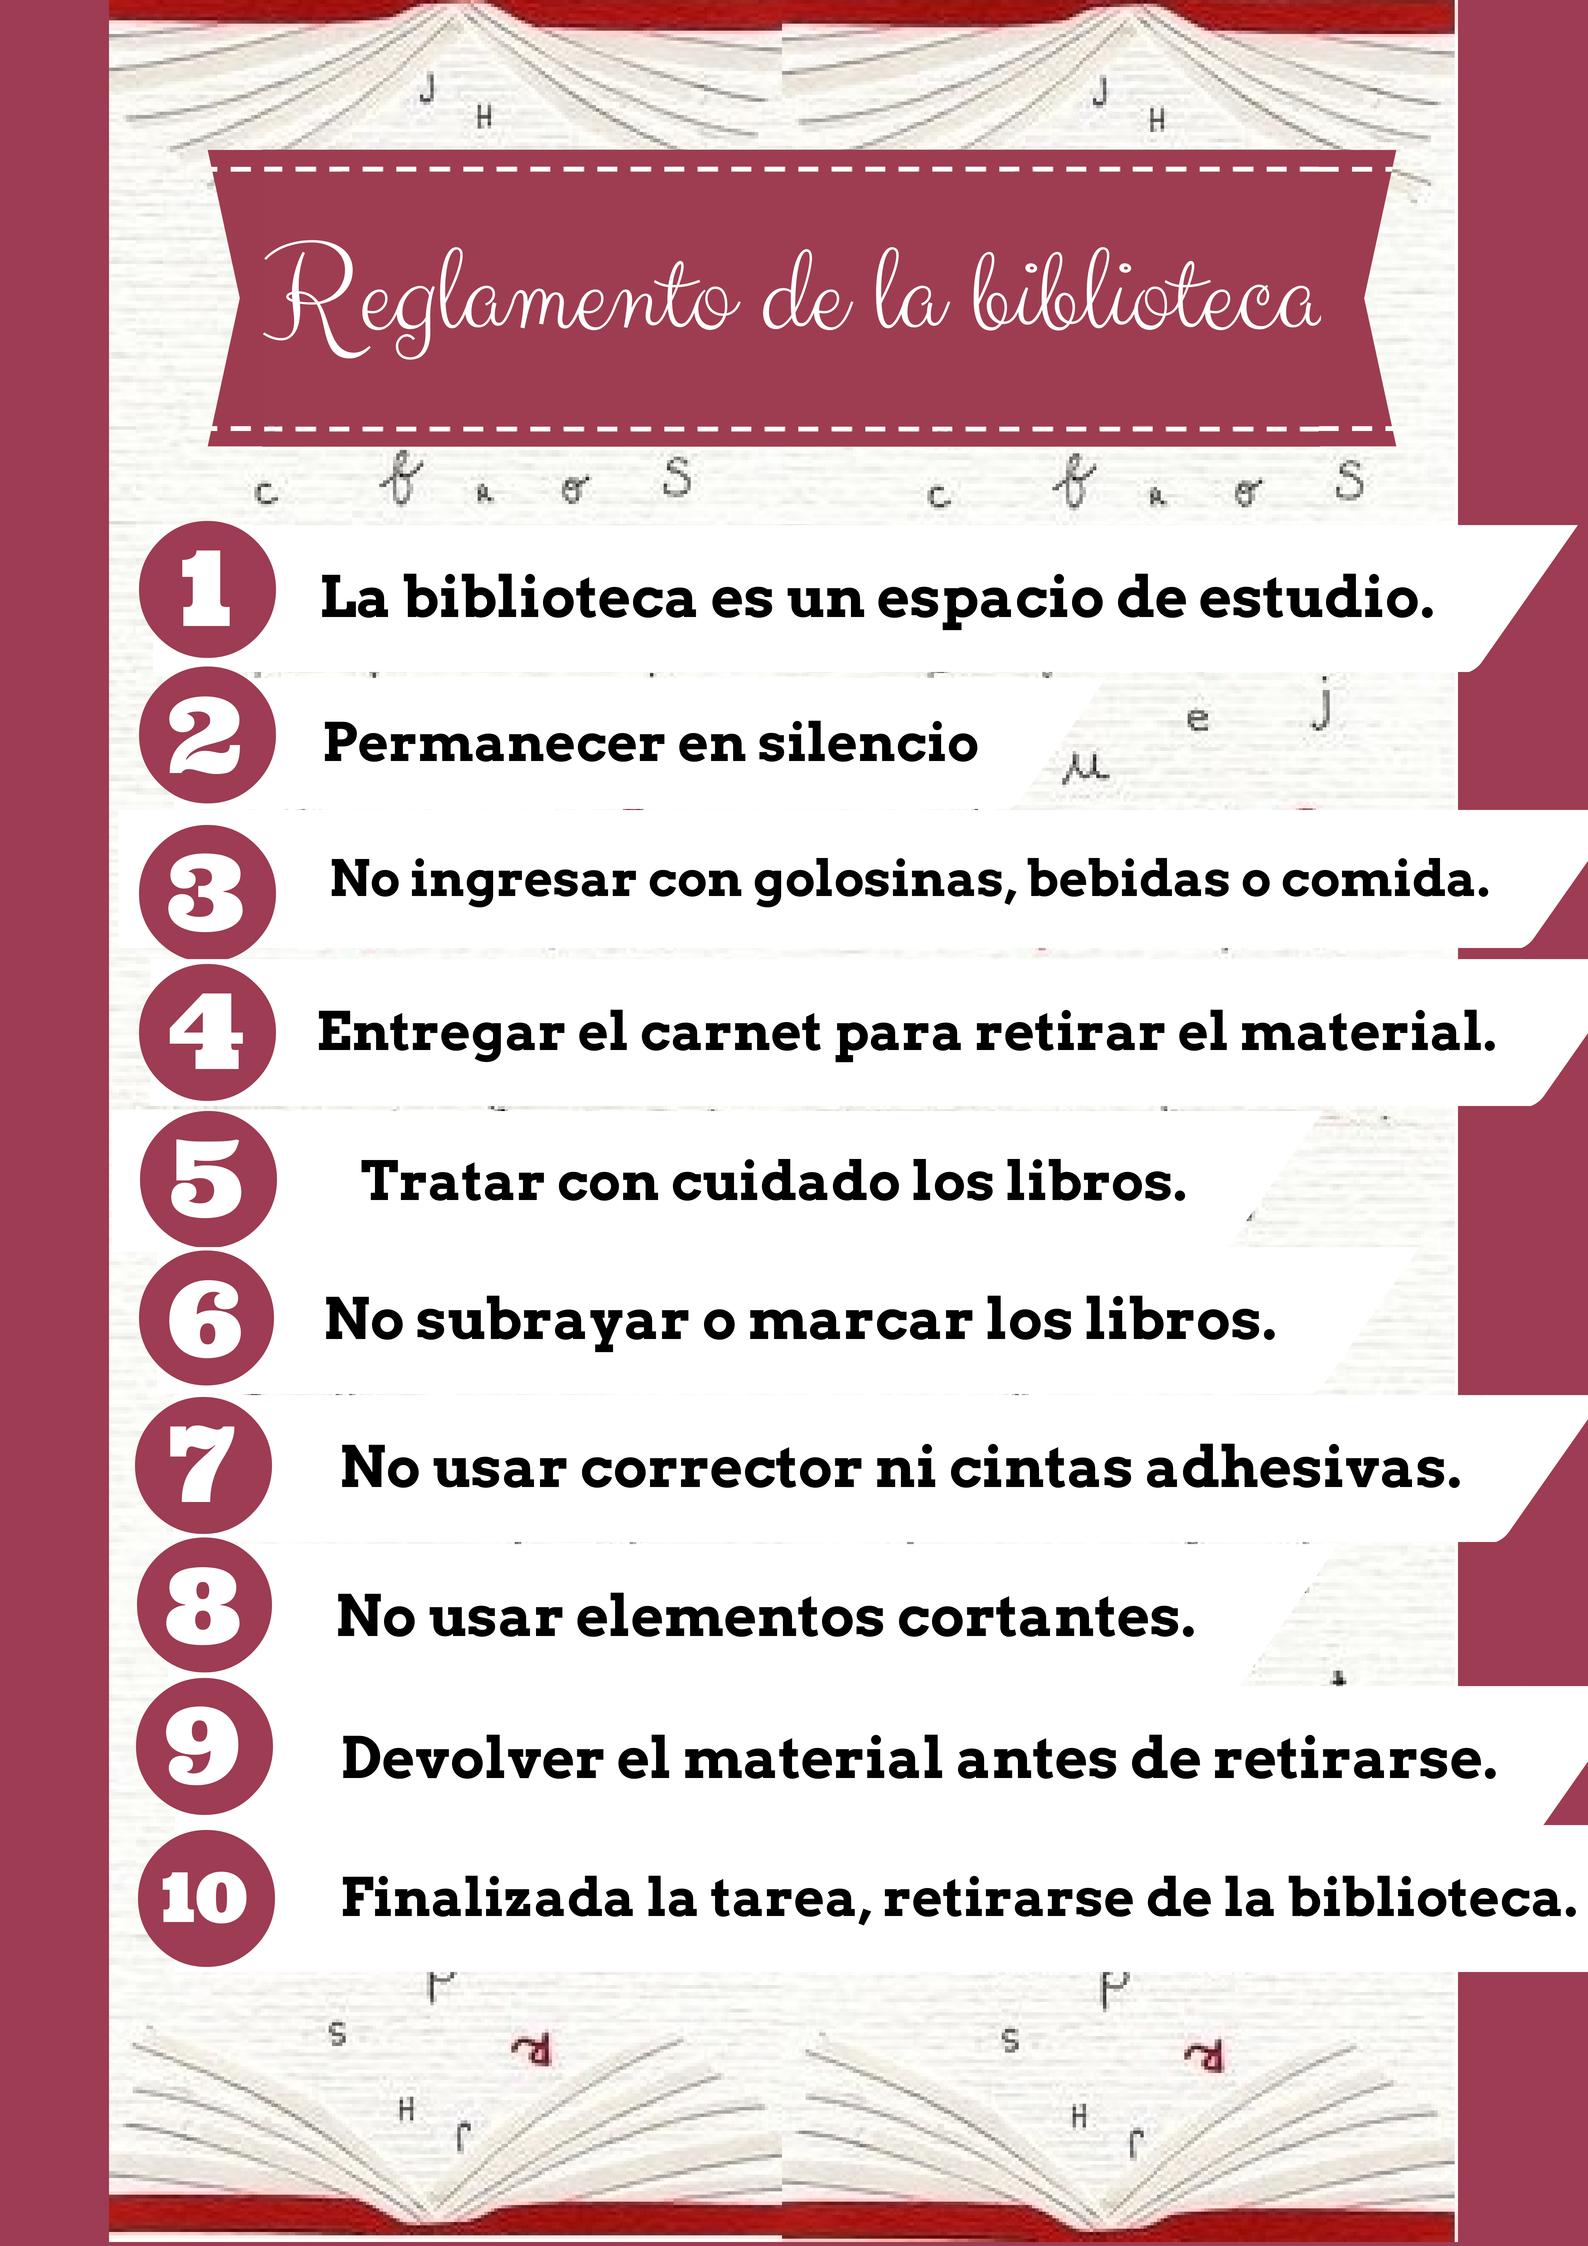 Reglamento de la biblioteca library ideas pinterest for 10 reglas para el salon de clases en ingles